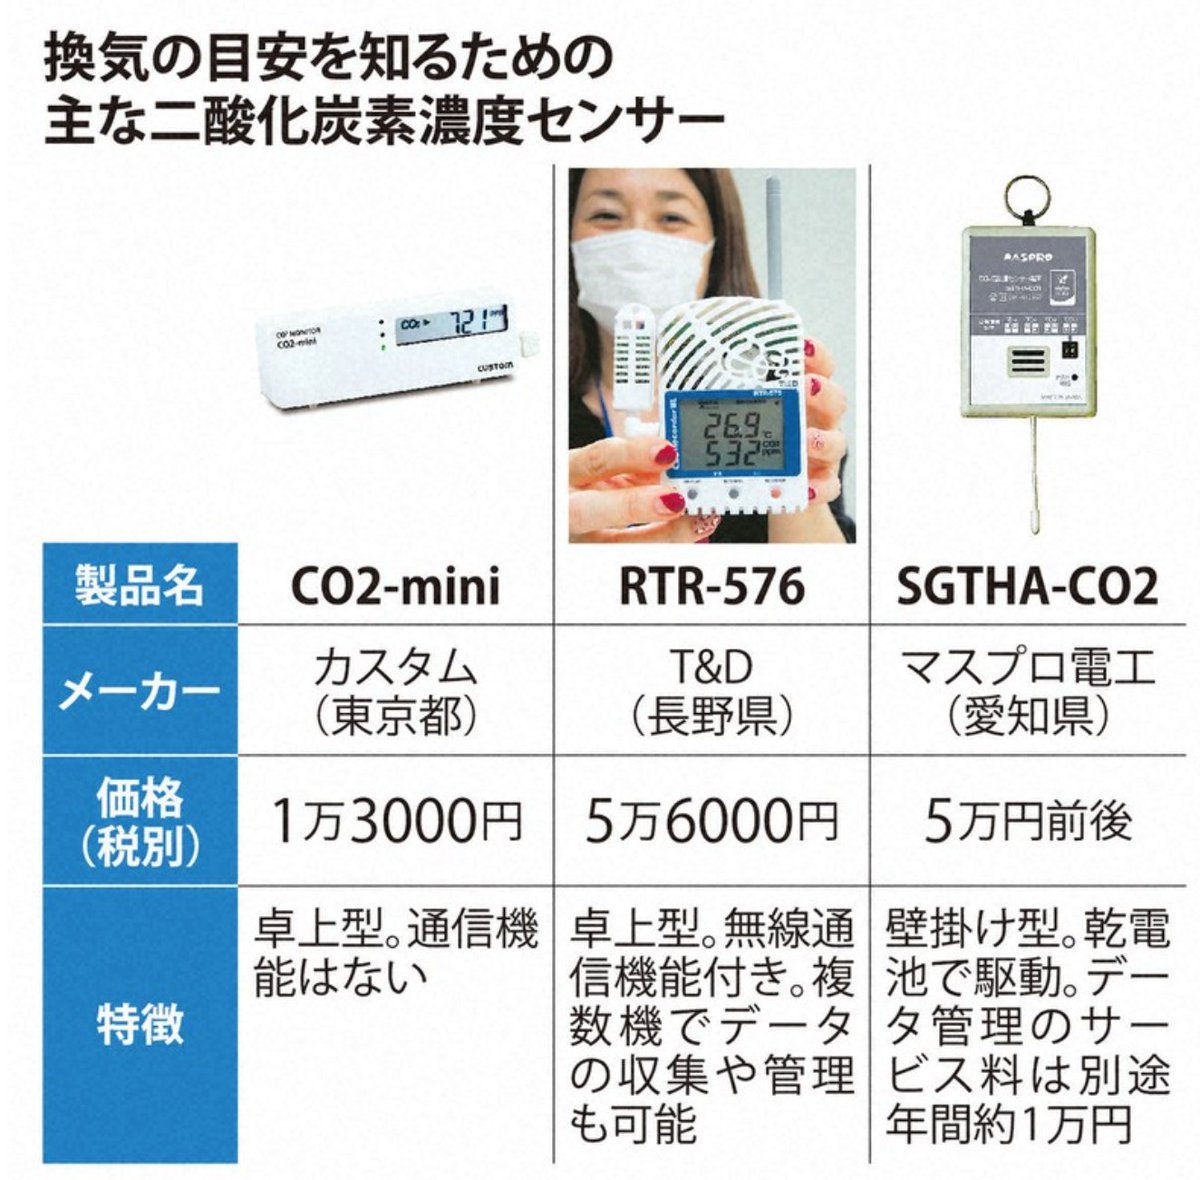 おぉ、西村大臣が記者会見でCO2モニター実演! 記事ではCO2モニターの種類にまで言及! もっと知りたい方はこちらをどうぞ(お約束) ->  #